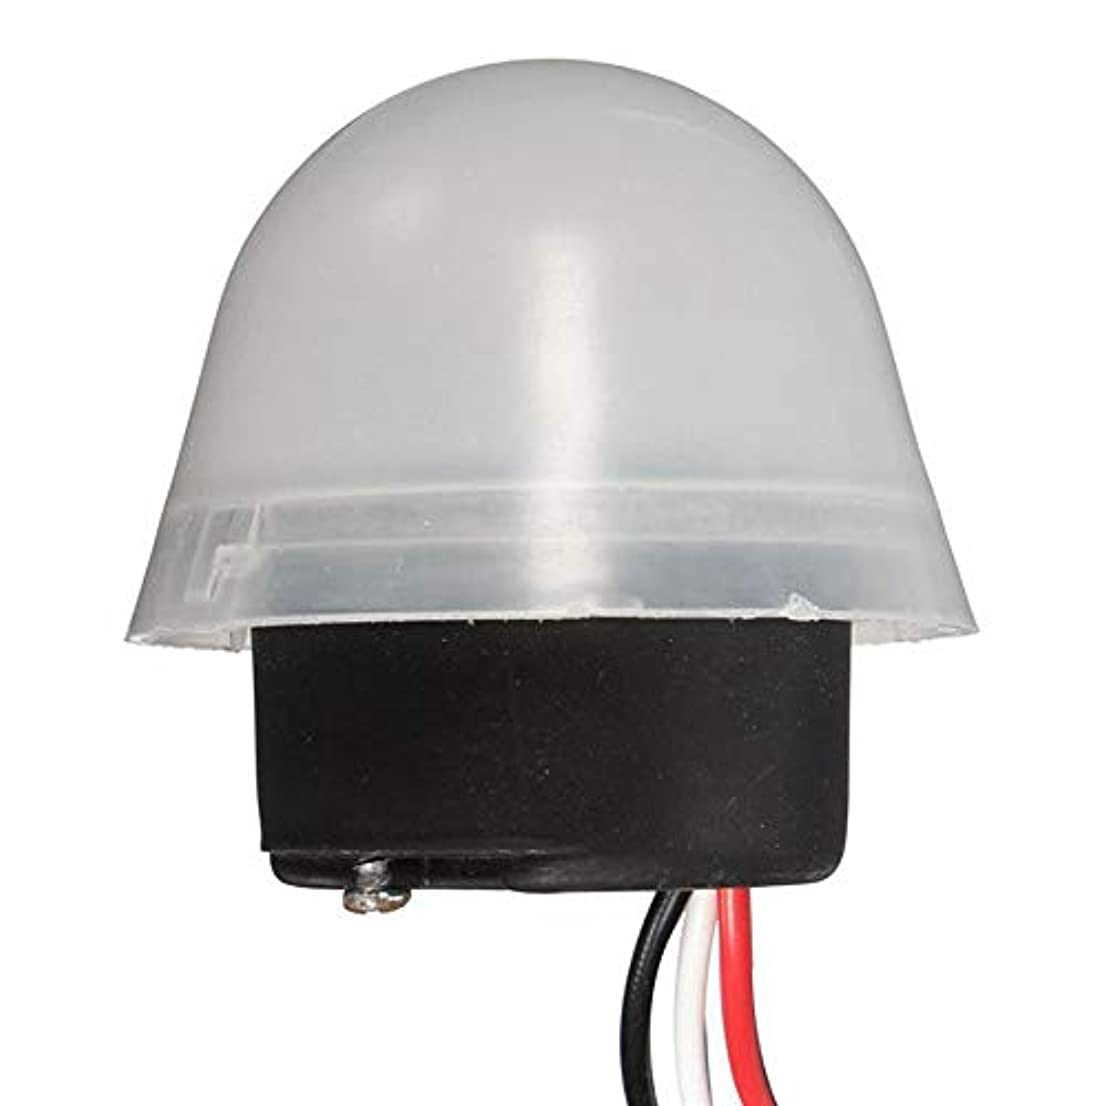 手のひら助手七時半JVSISM フォトセル街路灯スイッチAC 220V 10A電子写真制御フォトスイッチセンサースイッチ